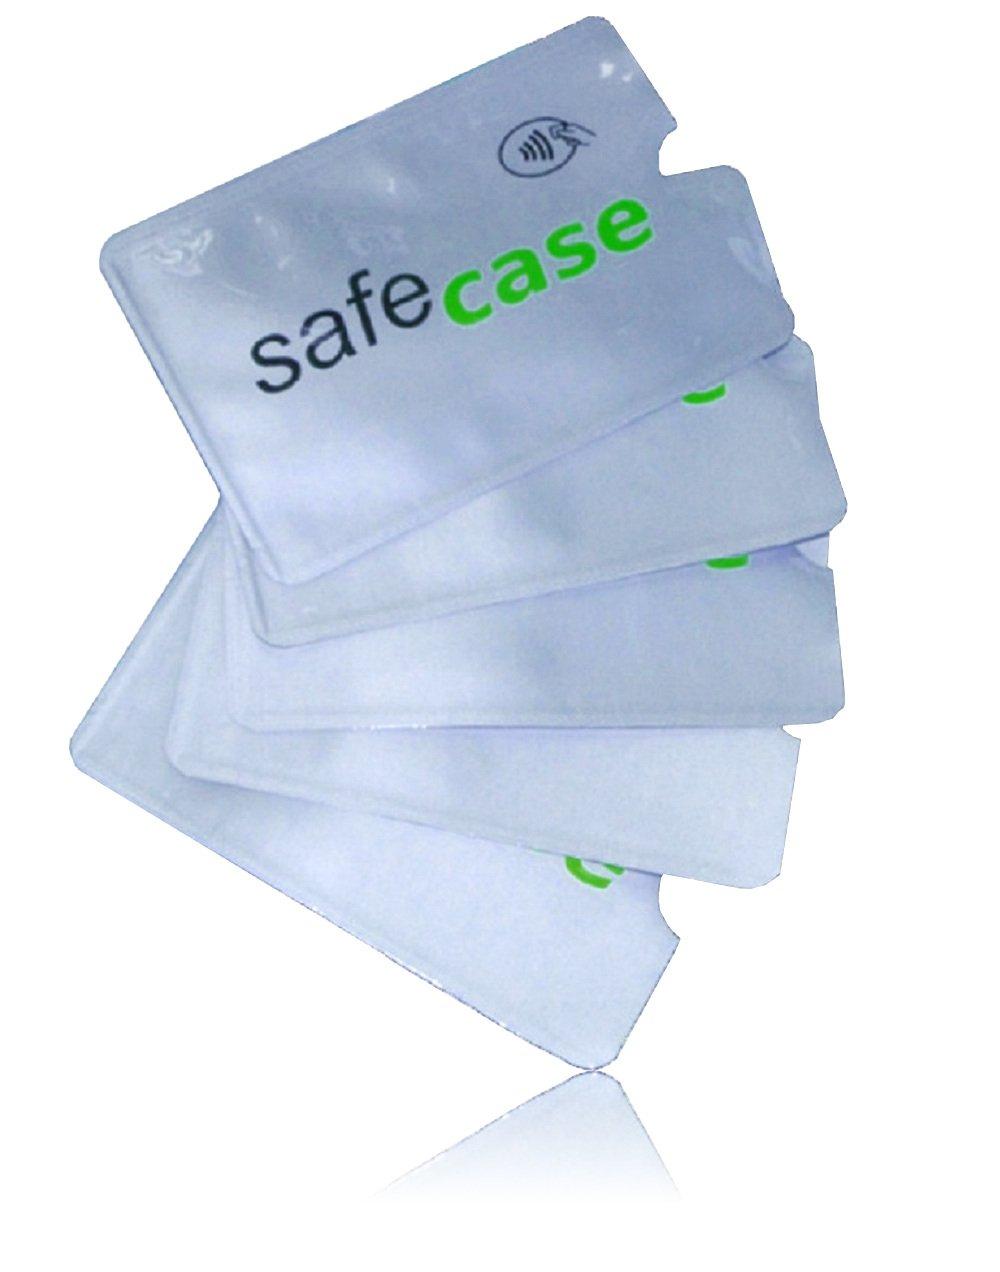 15er MakakaOnTheRun RFID Blocker NFC Schutz Kreditkartenhülle für EC-Karte, Bankkarte, Kreditkarte, Personalausweis (Family Pack) RFID Blocker Family Pack